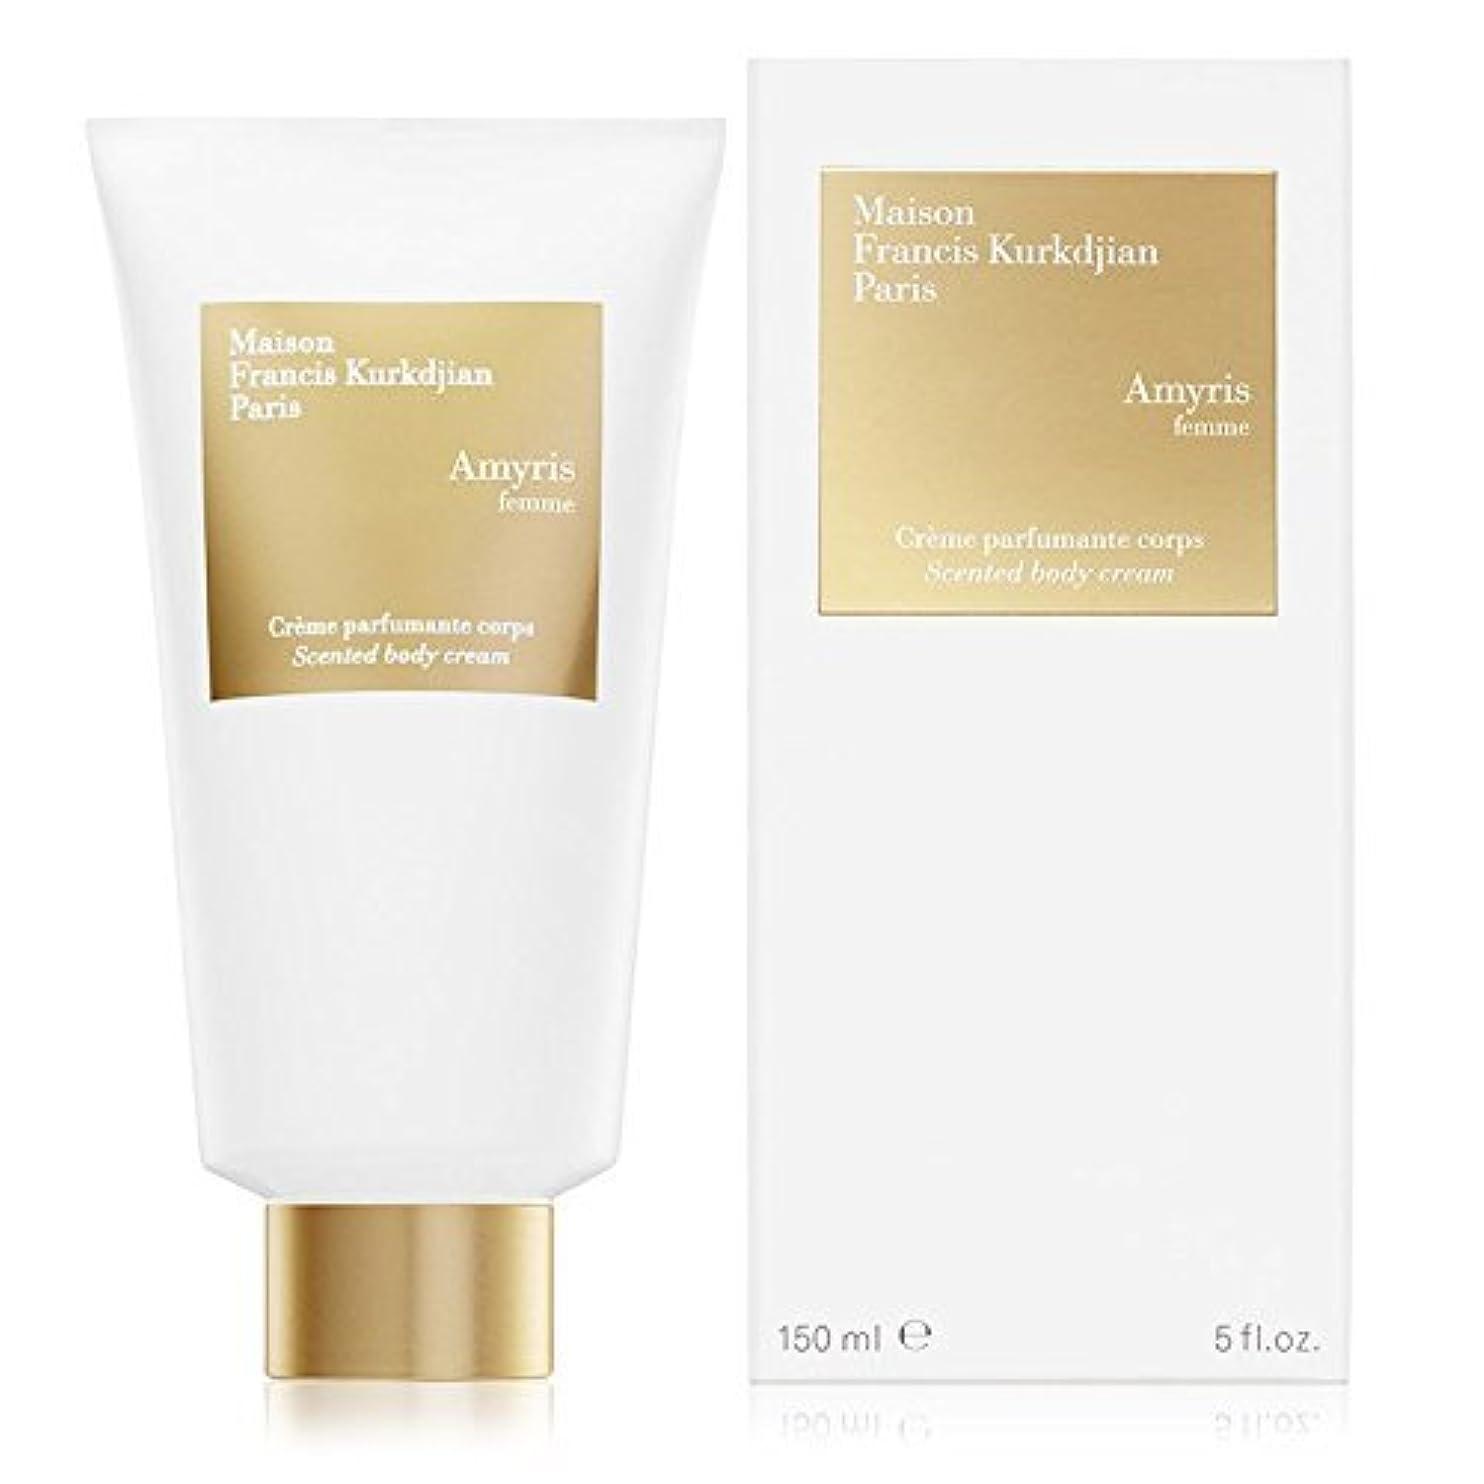 電圧相対性理論忠誠Maison Francis Kurkdjian Amyris Femme Scented Body Cream(メゾン フランシス クルジャン アミリス ファム ボディクリーム)150ml [並行輸入品]